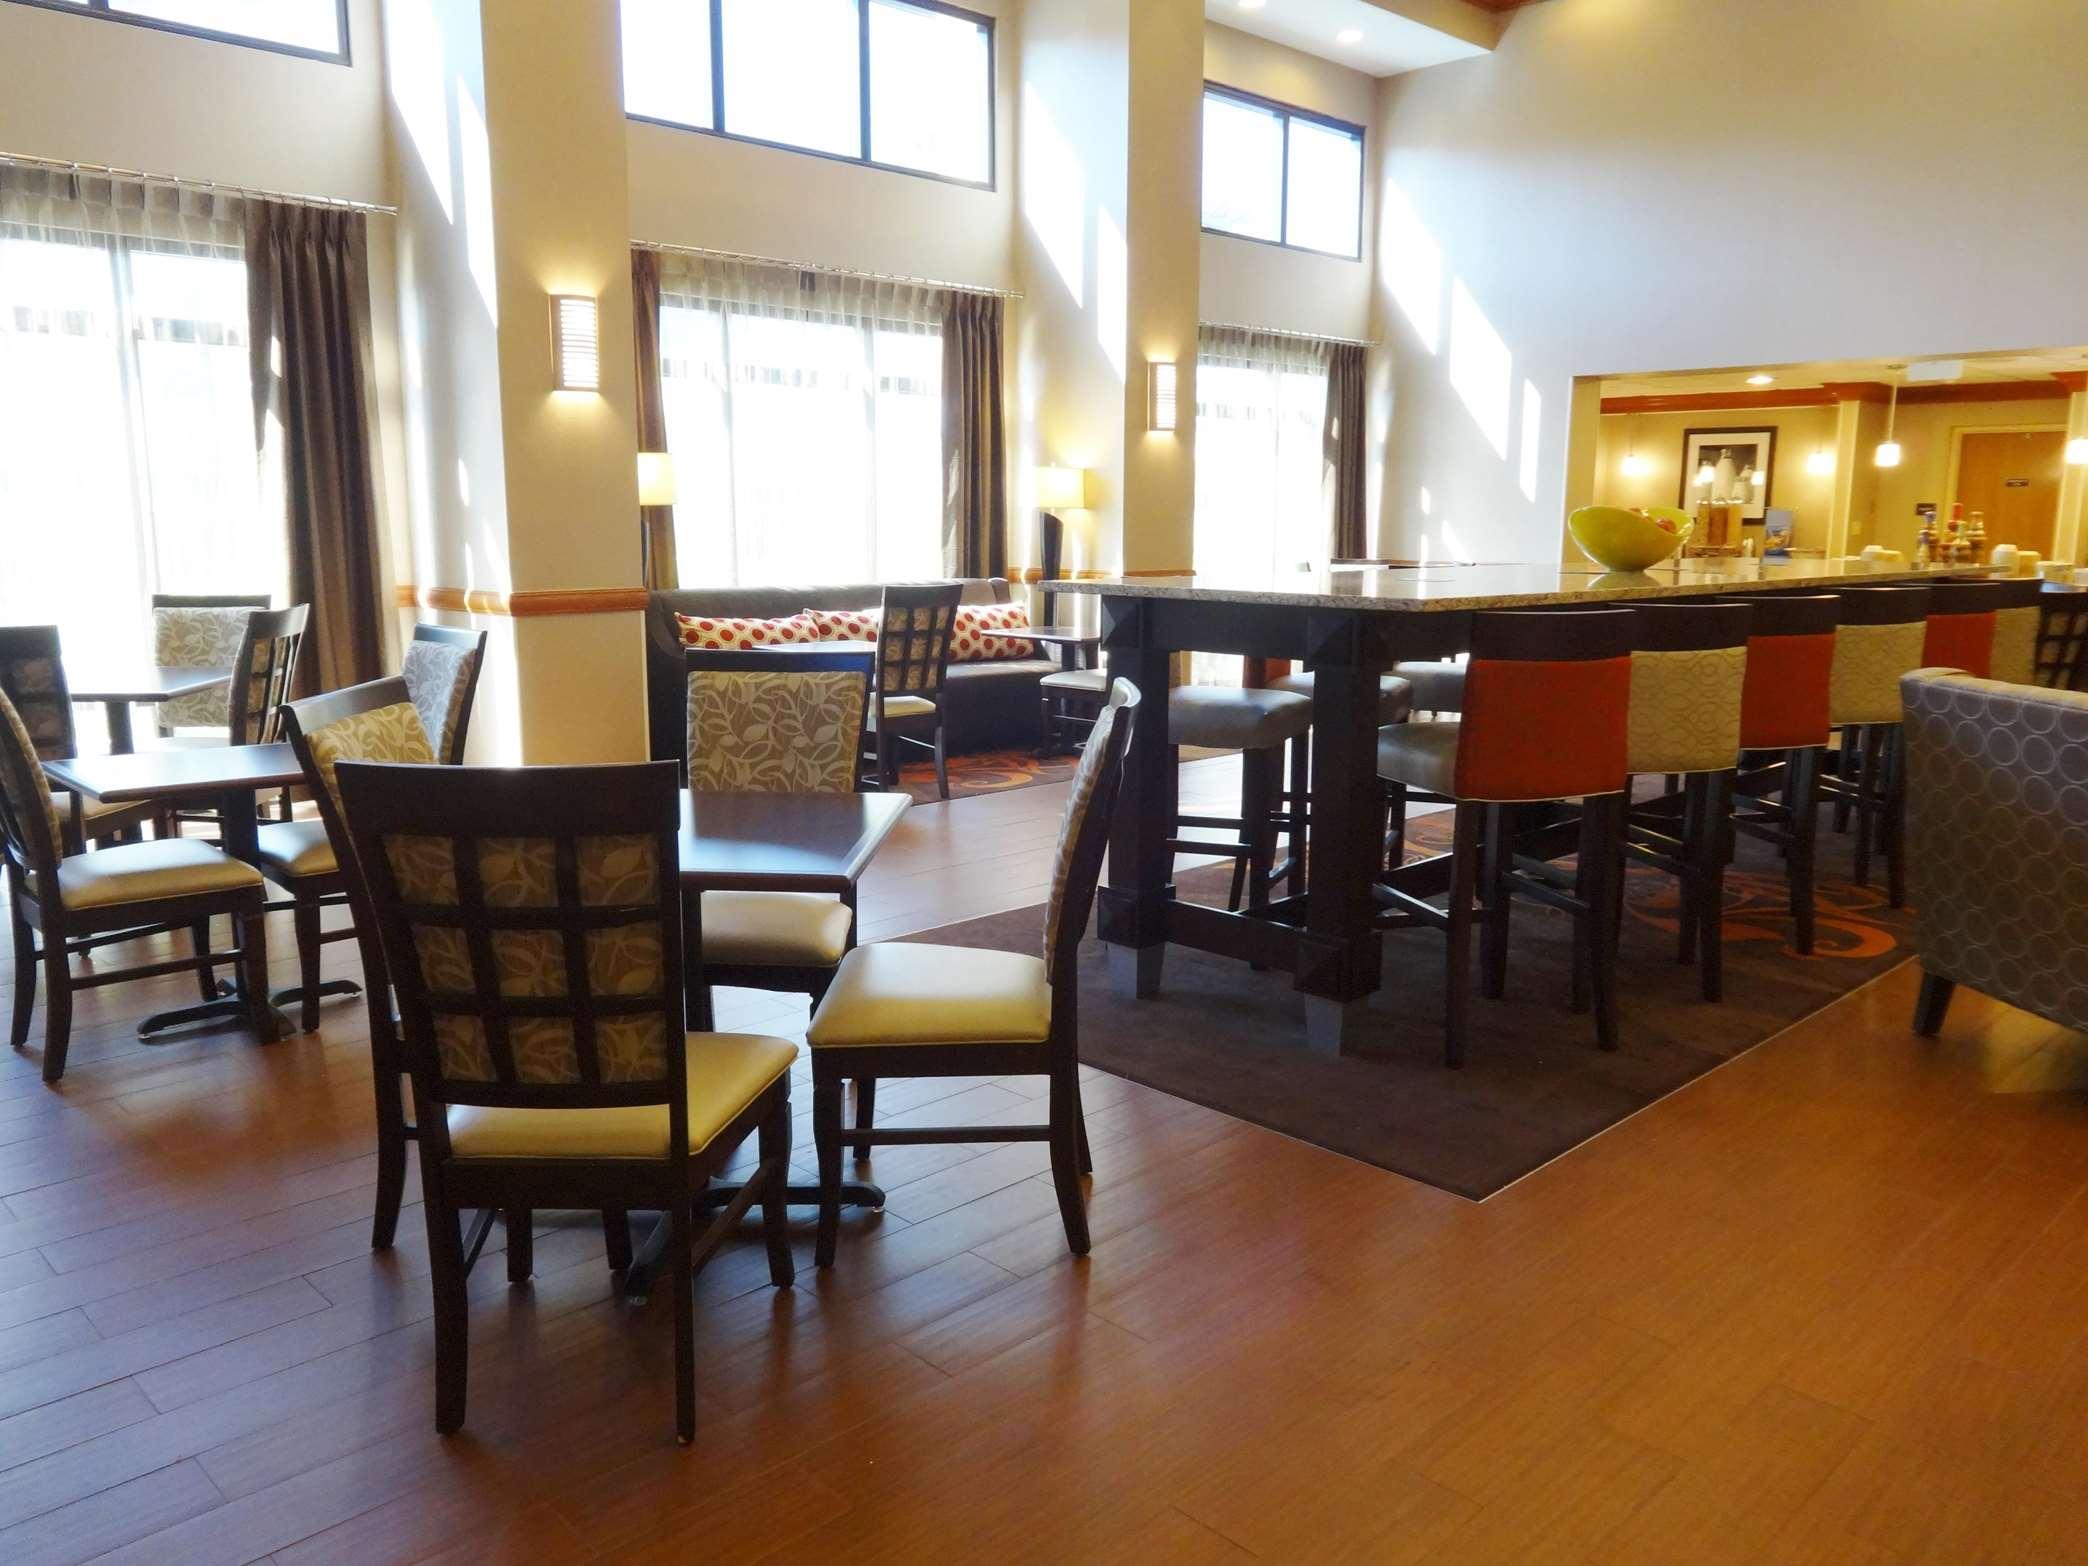 Hampton Inn & Suites Port St. Lucie, West image 11